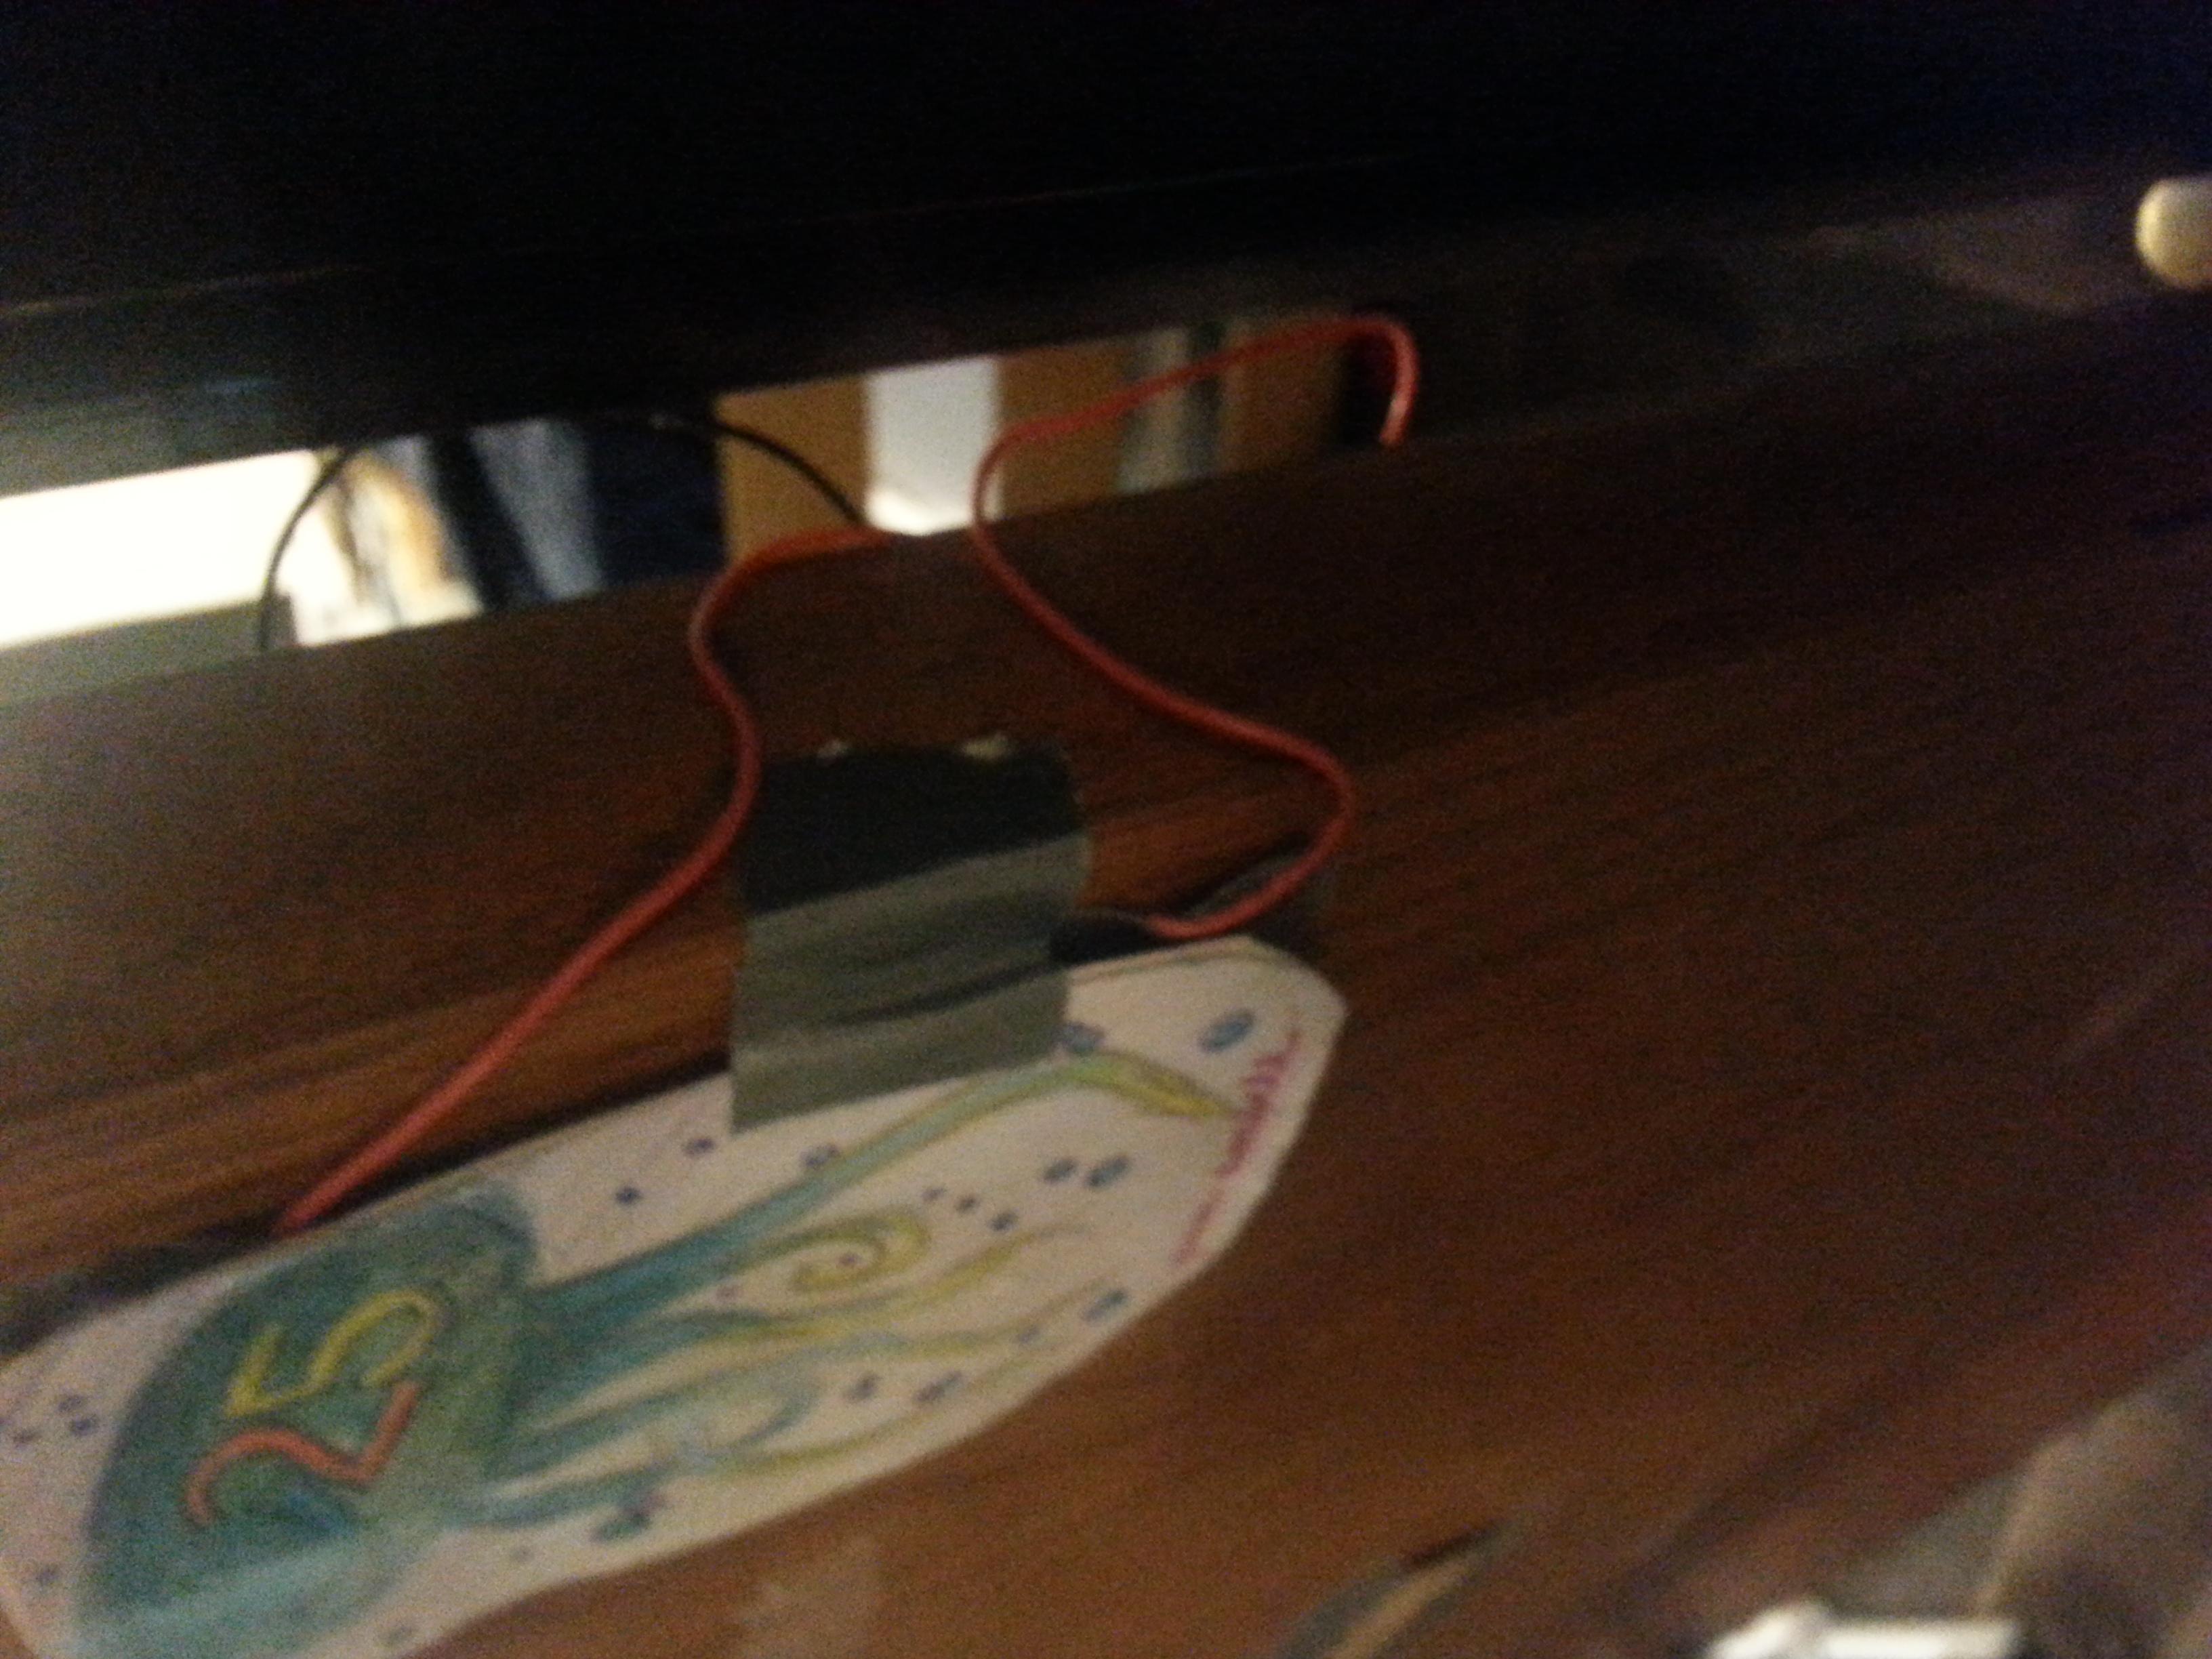 Picture of Dorm Room Doorbell